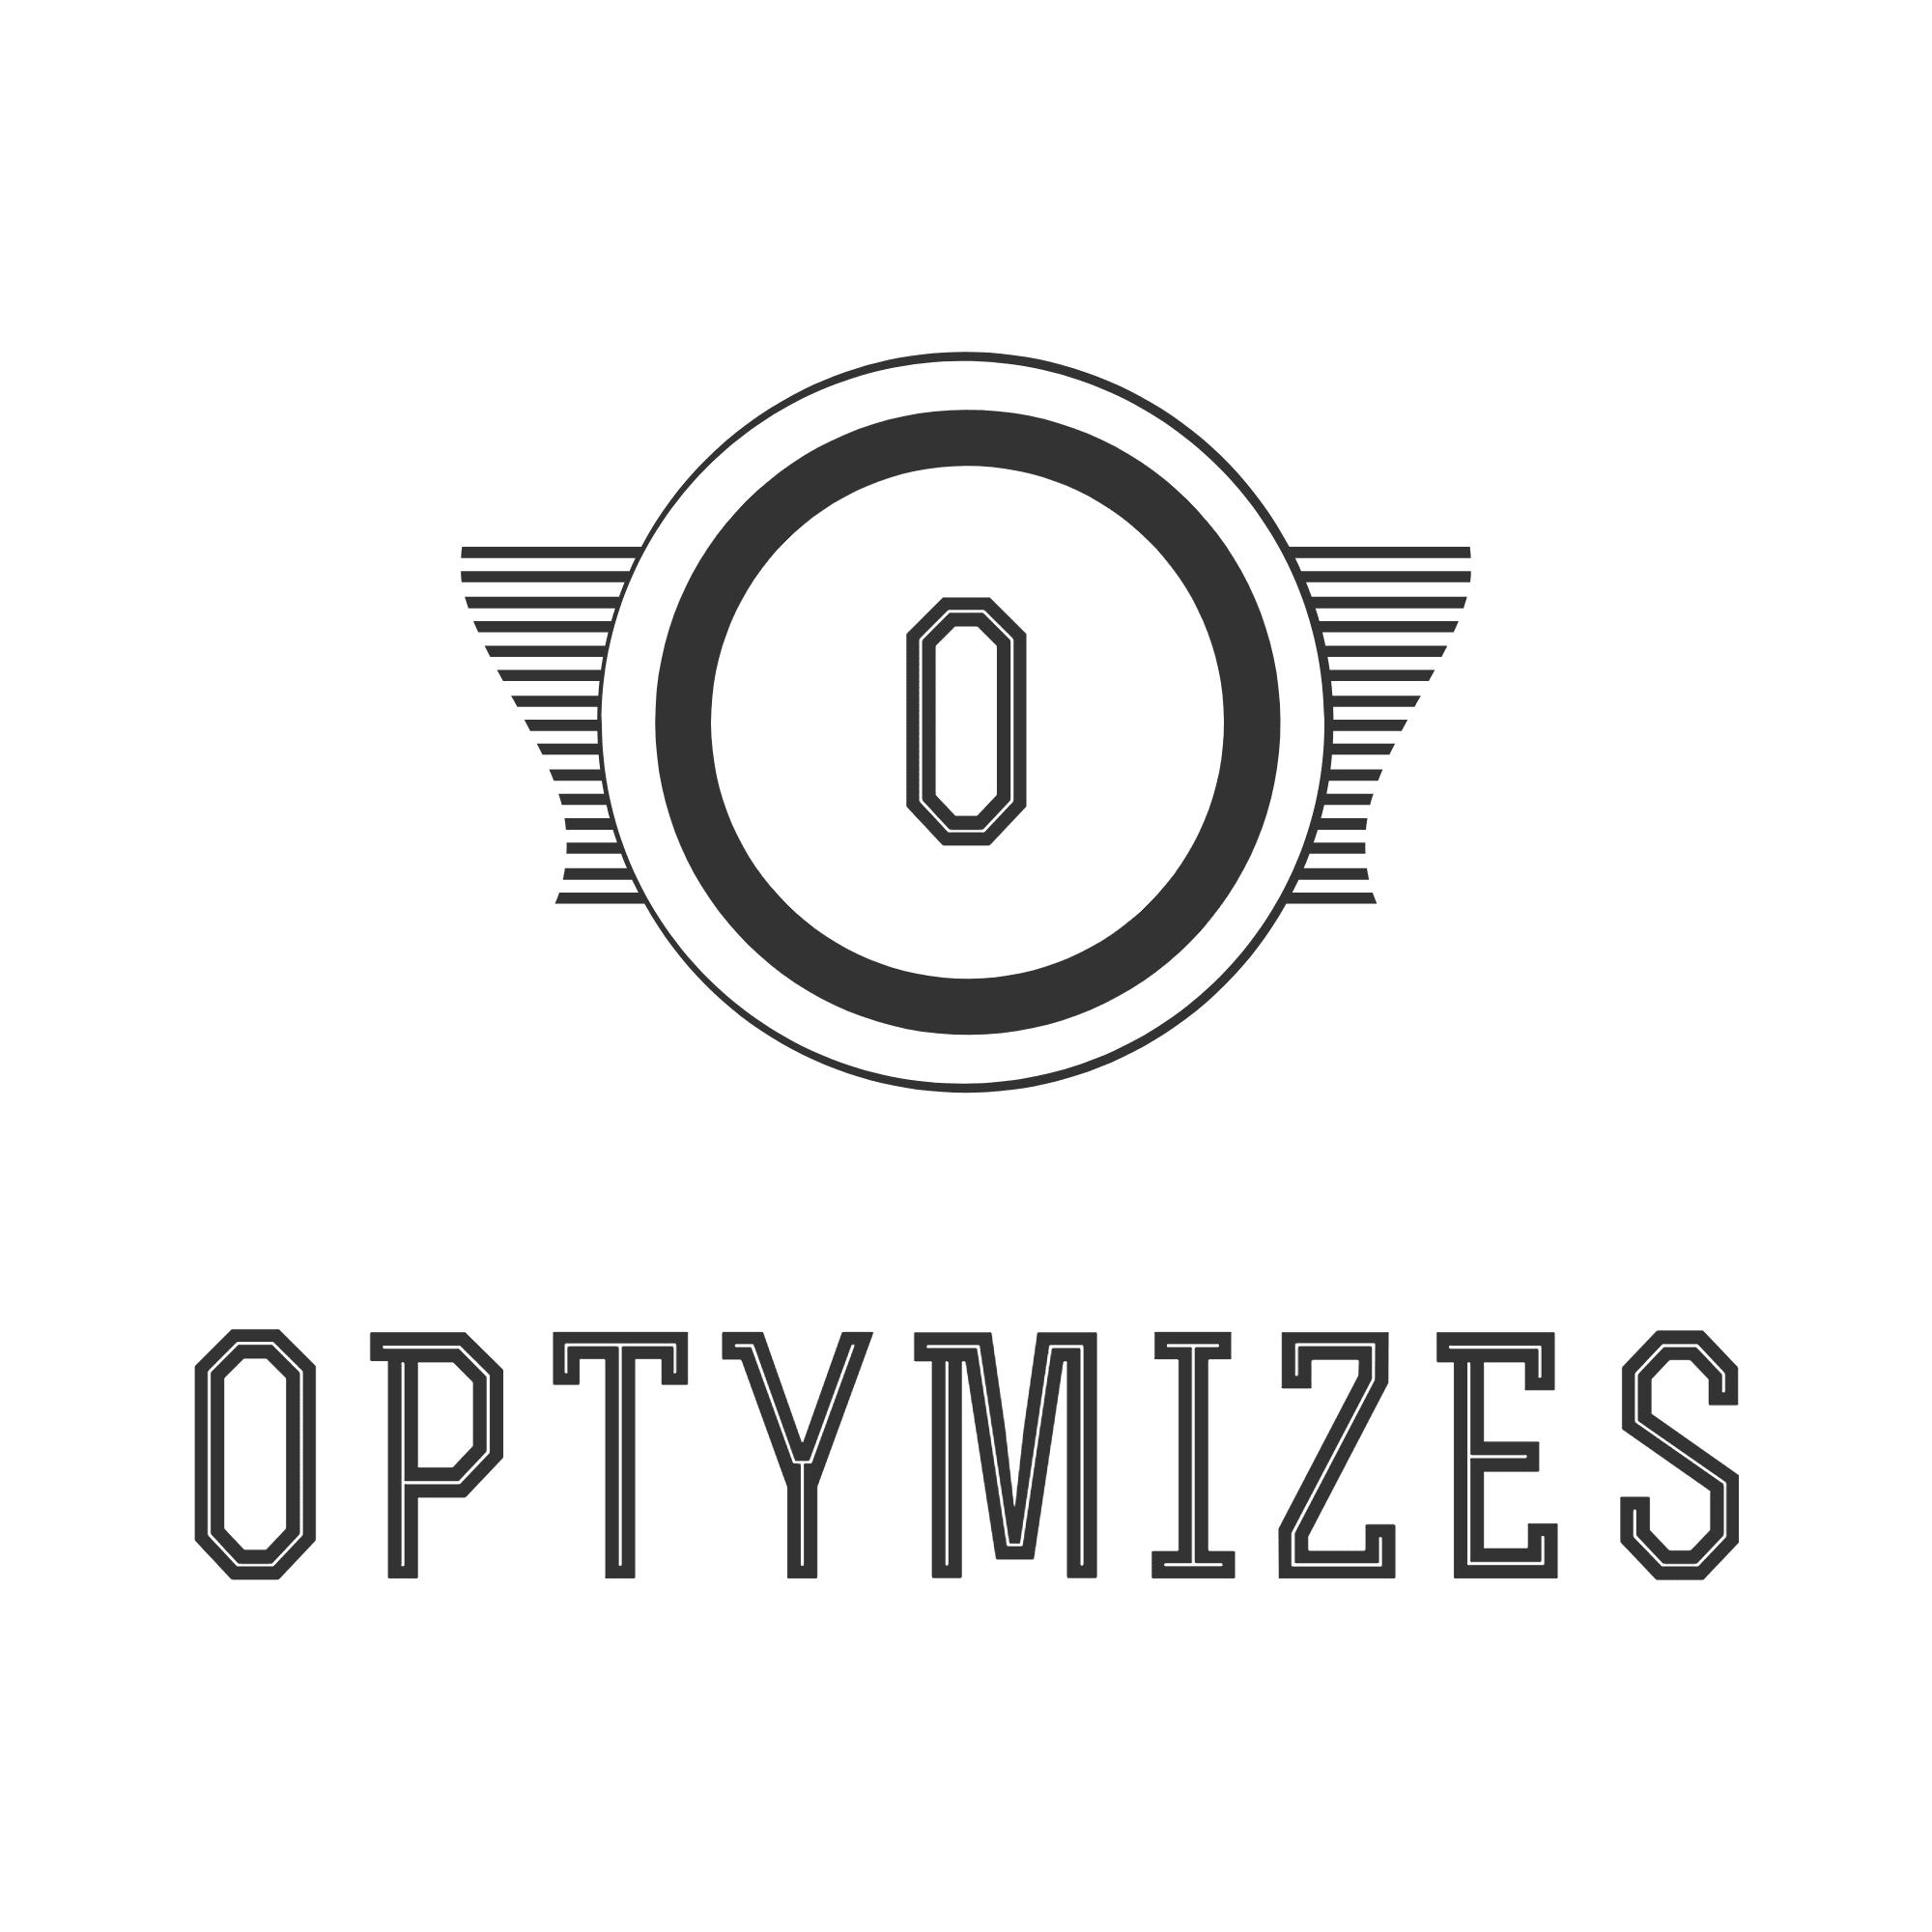 Optymizes